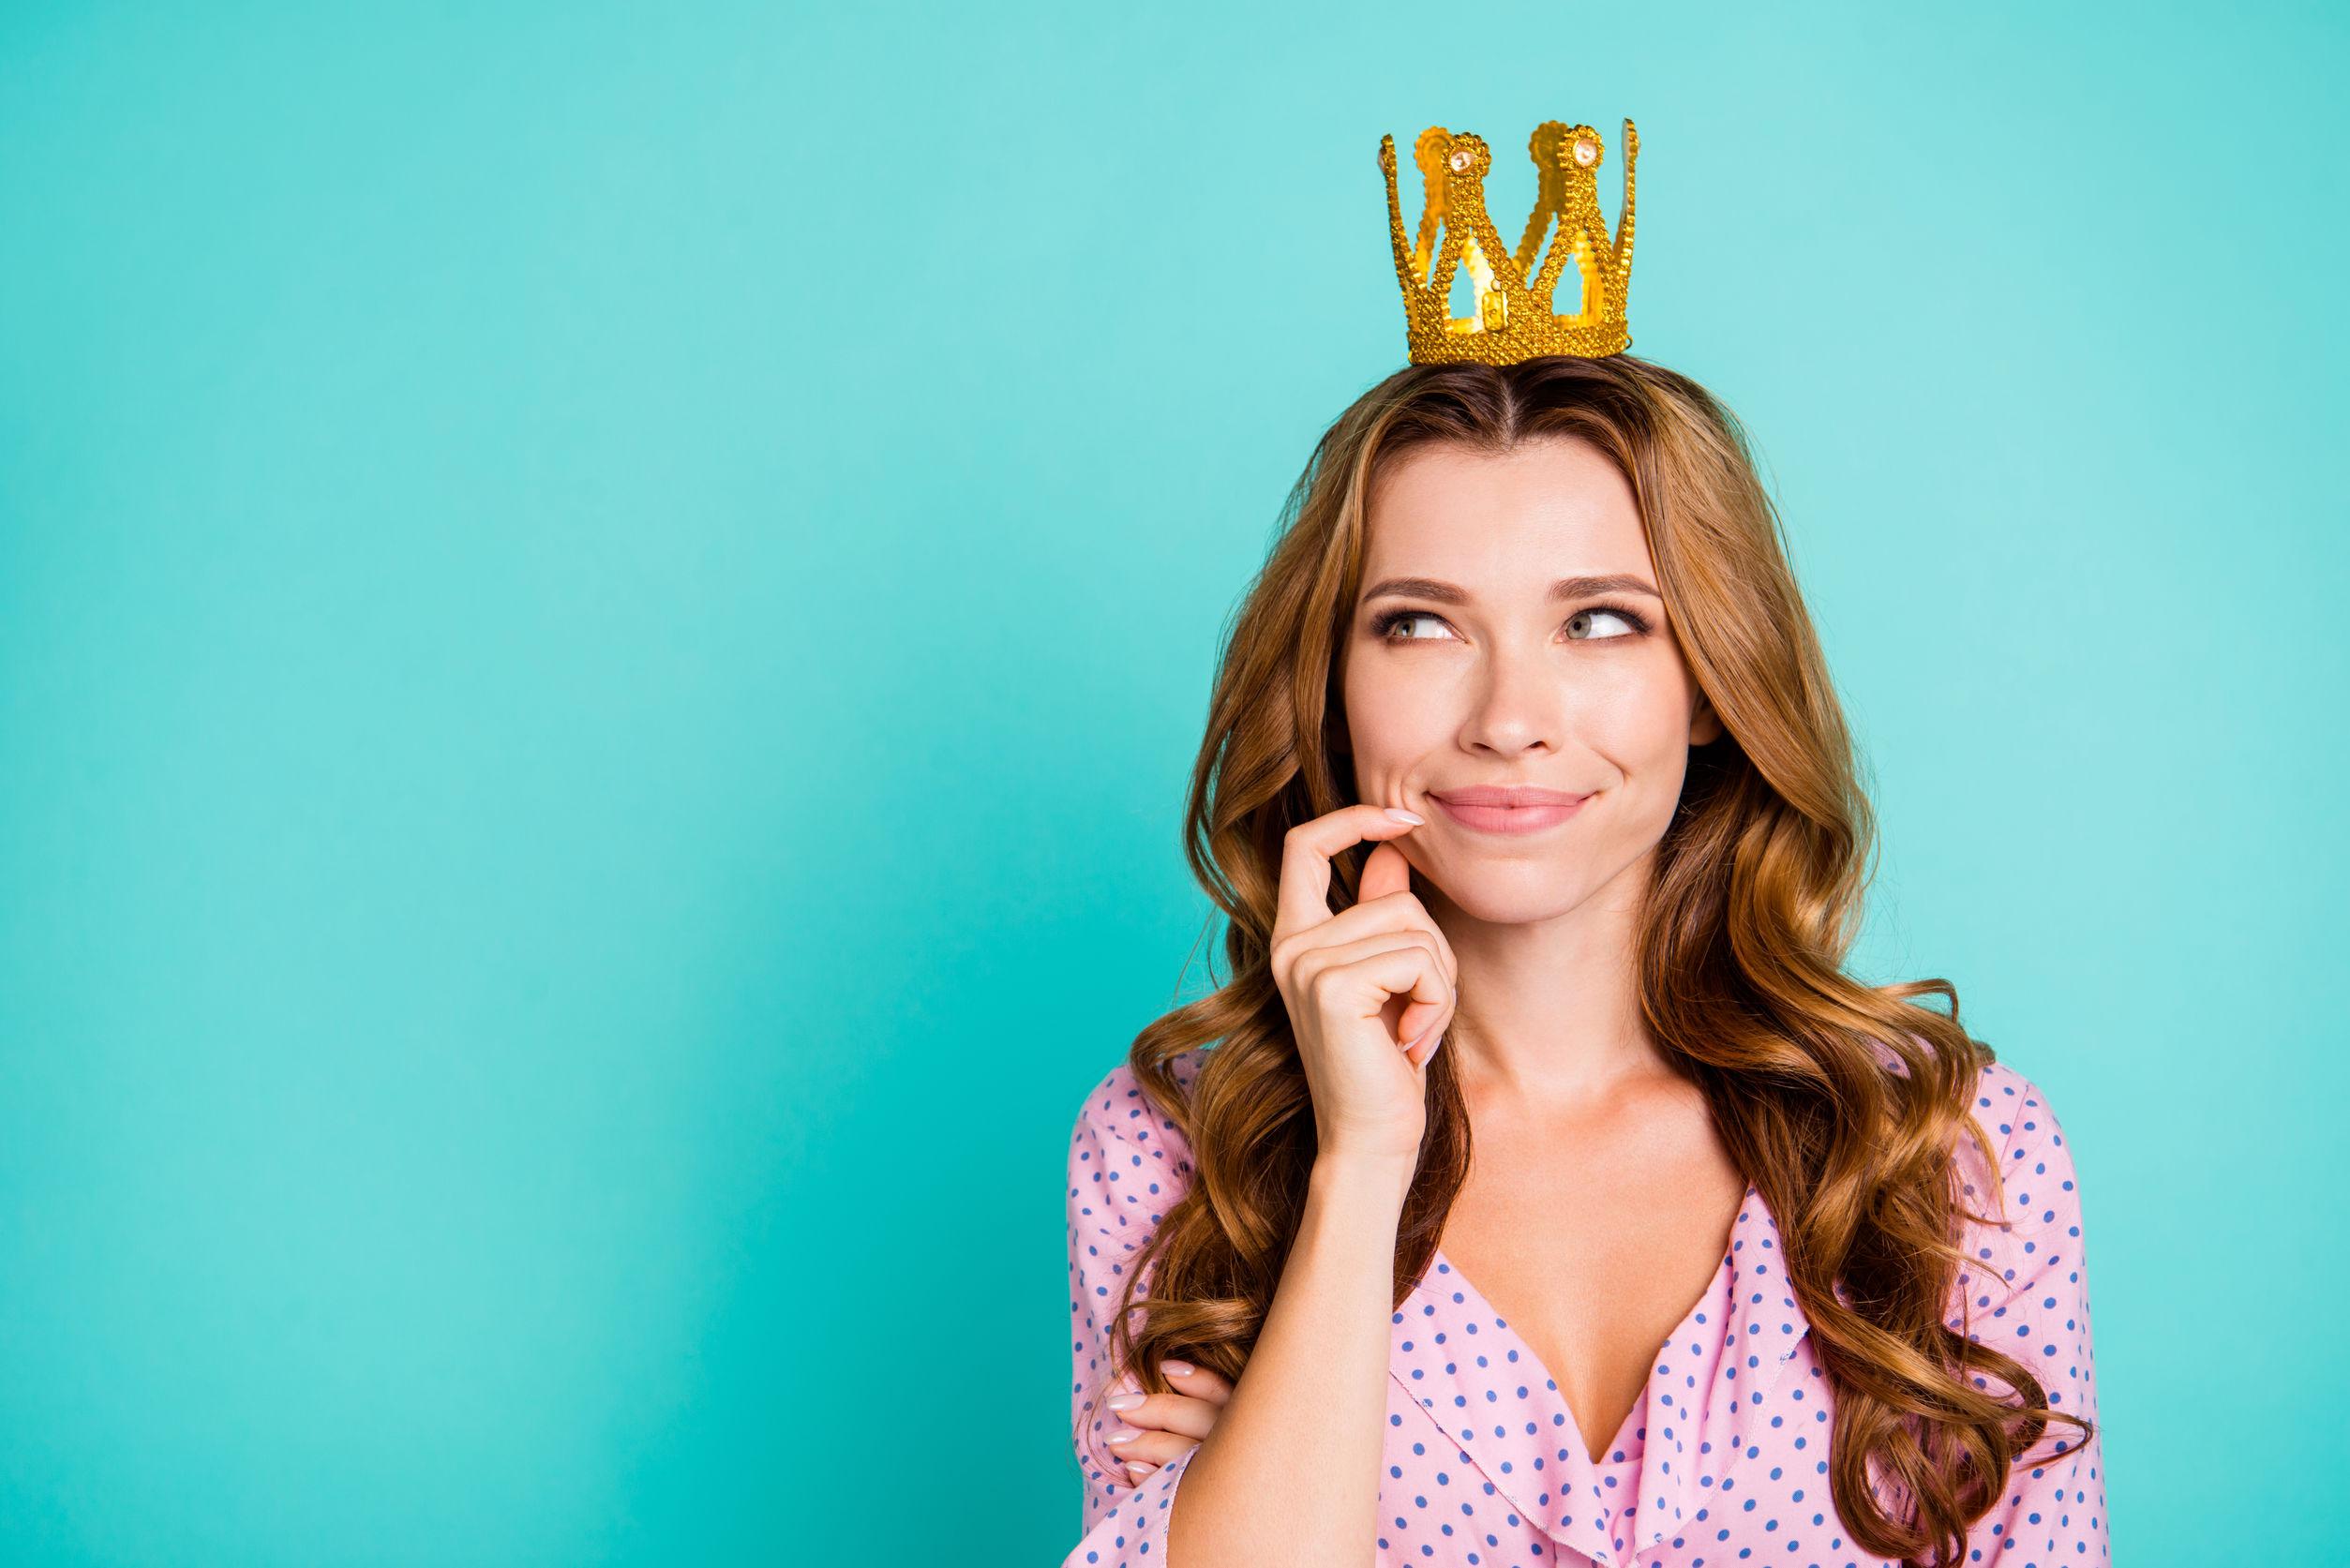 Как полюбить себя? 3 совета психолога   Радио «Romantika»